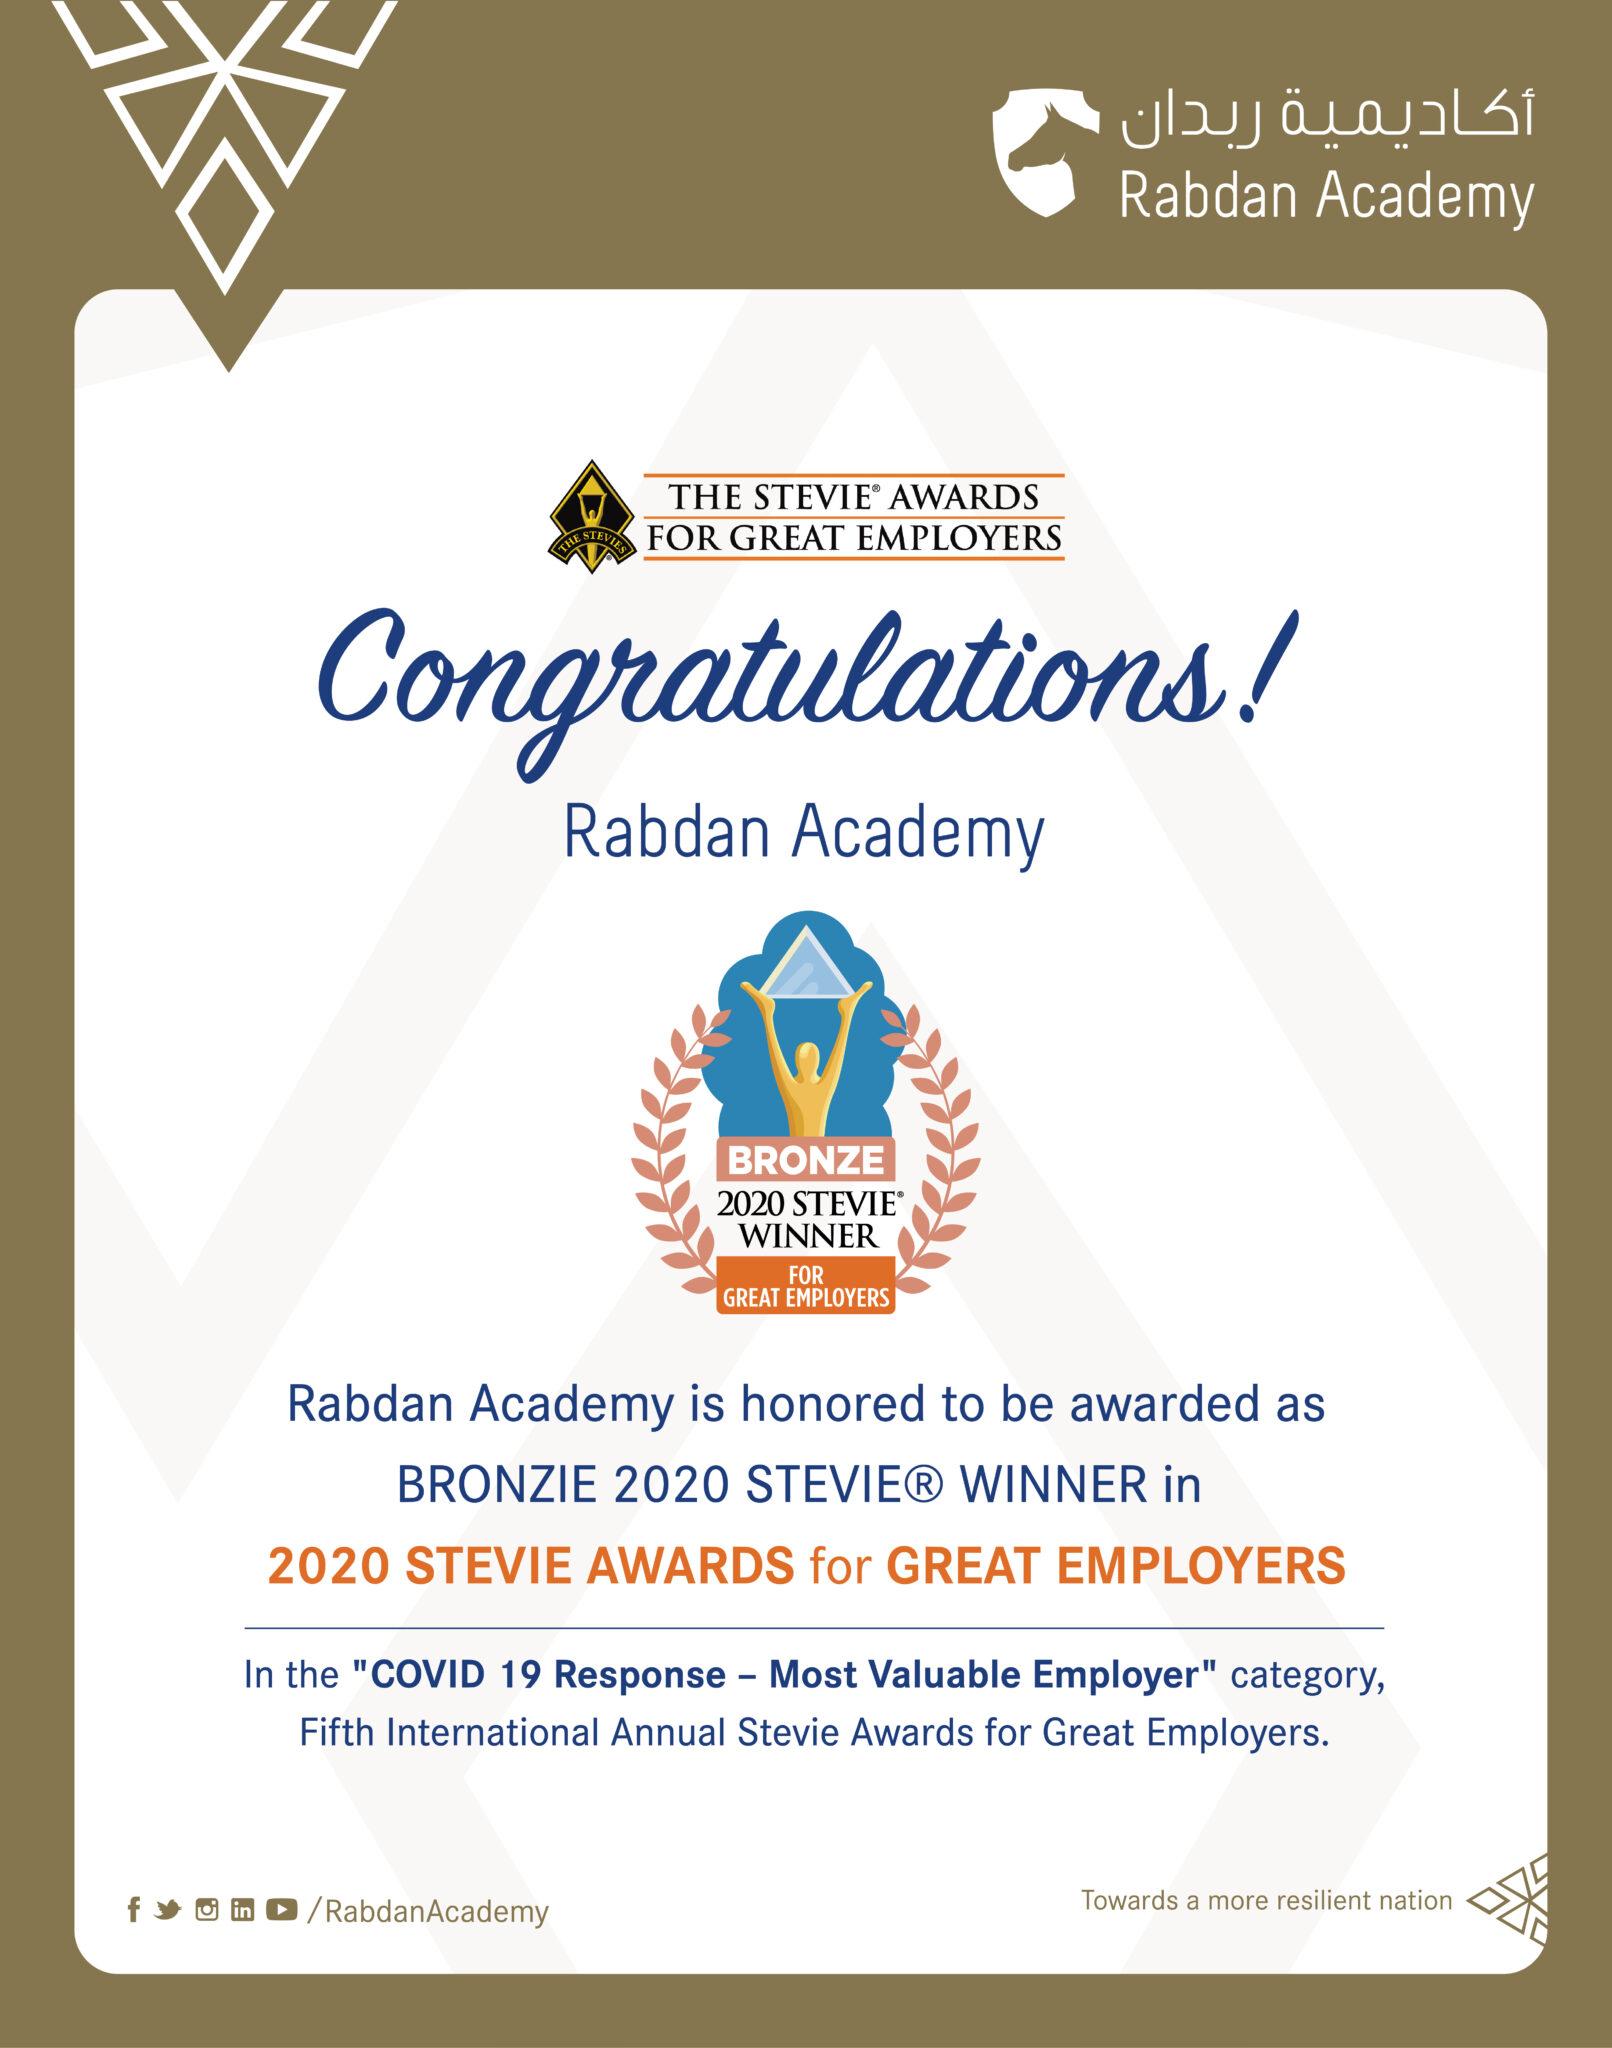 Rabdan Academy Honored As Bronze Stevie® Award Winner In 2020 Stevie Awards For Great Employers